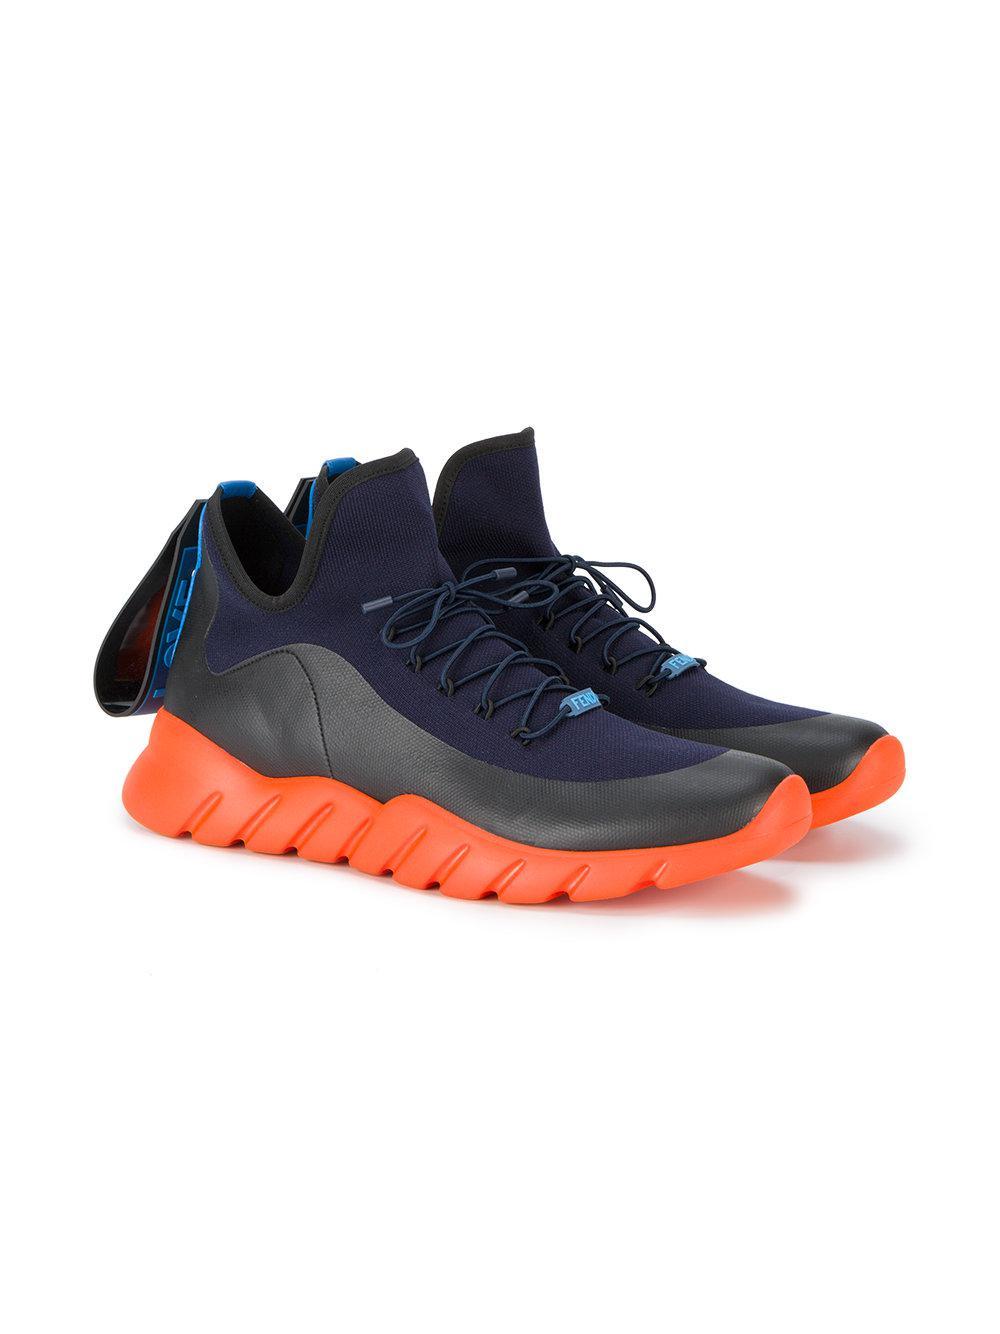 Fendi Top Noir Haut Chaussures De Sport En Tricot - Bleu yRQvY7Hqnj